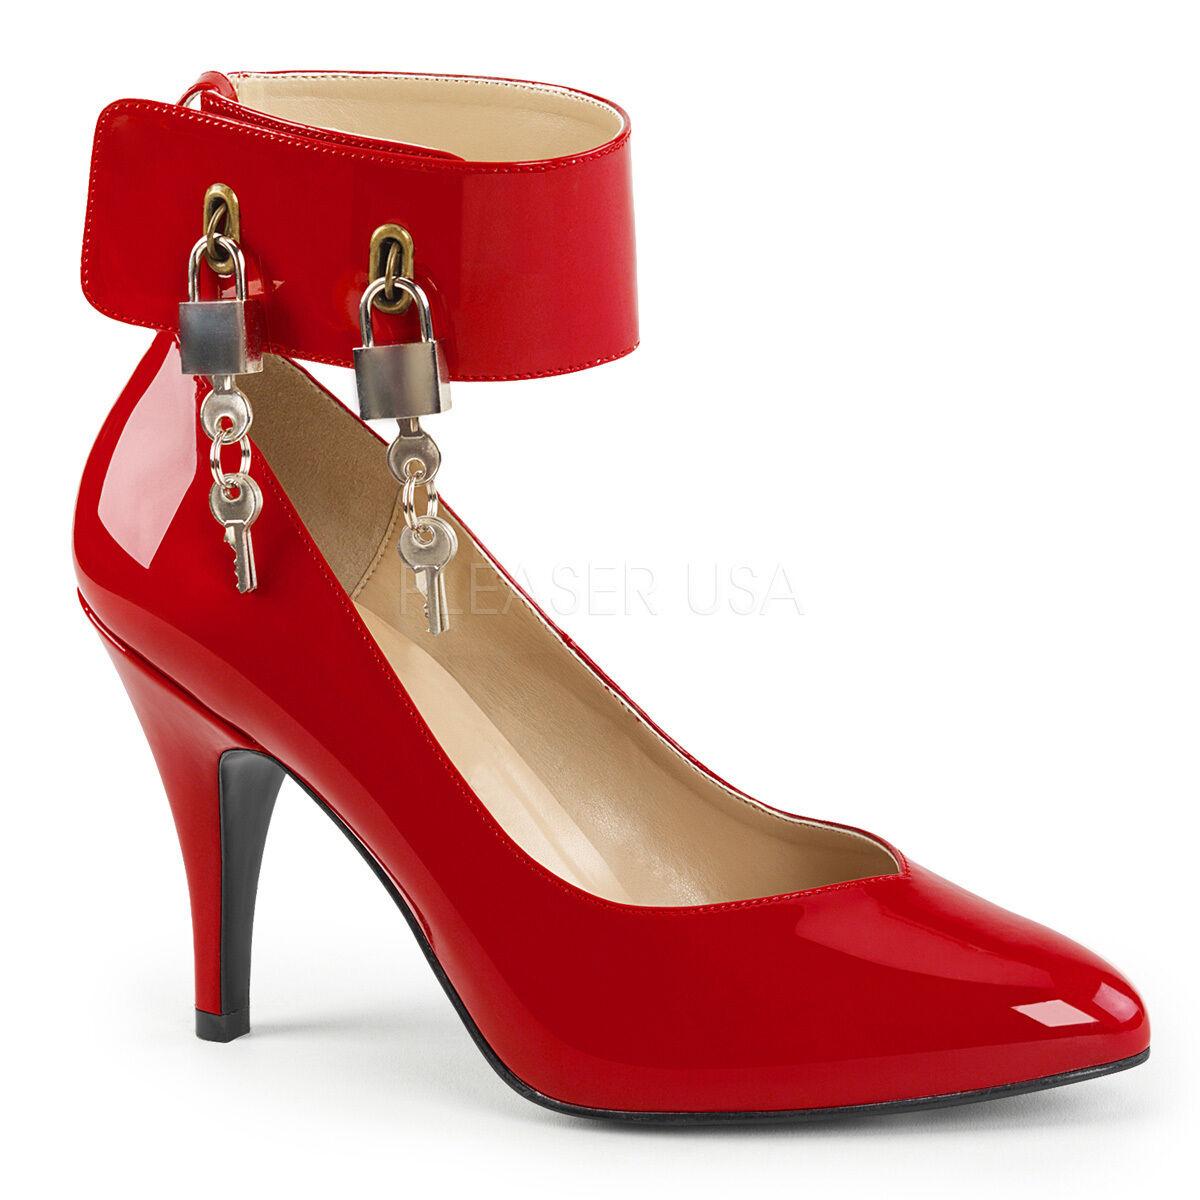 Rebajas Dream - 432 tacón alto alto alto zapatos de salón rojo charol con cierre con las cerraduras tamaño 40  suministramos lo mejor